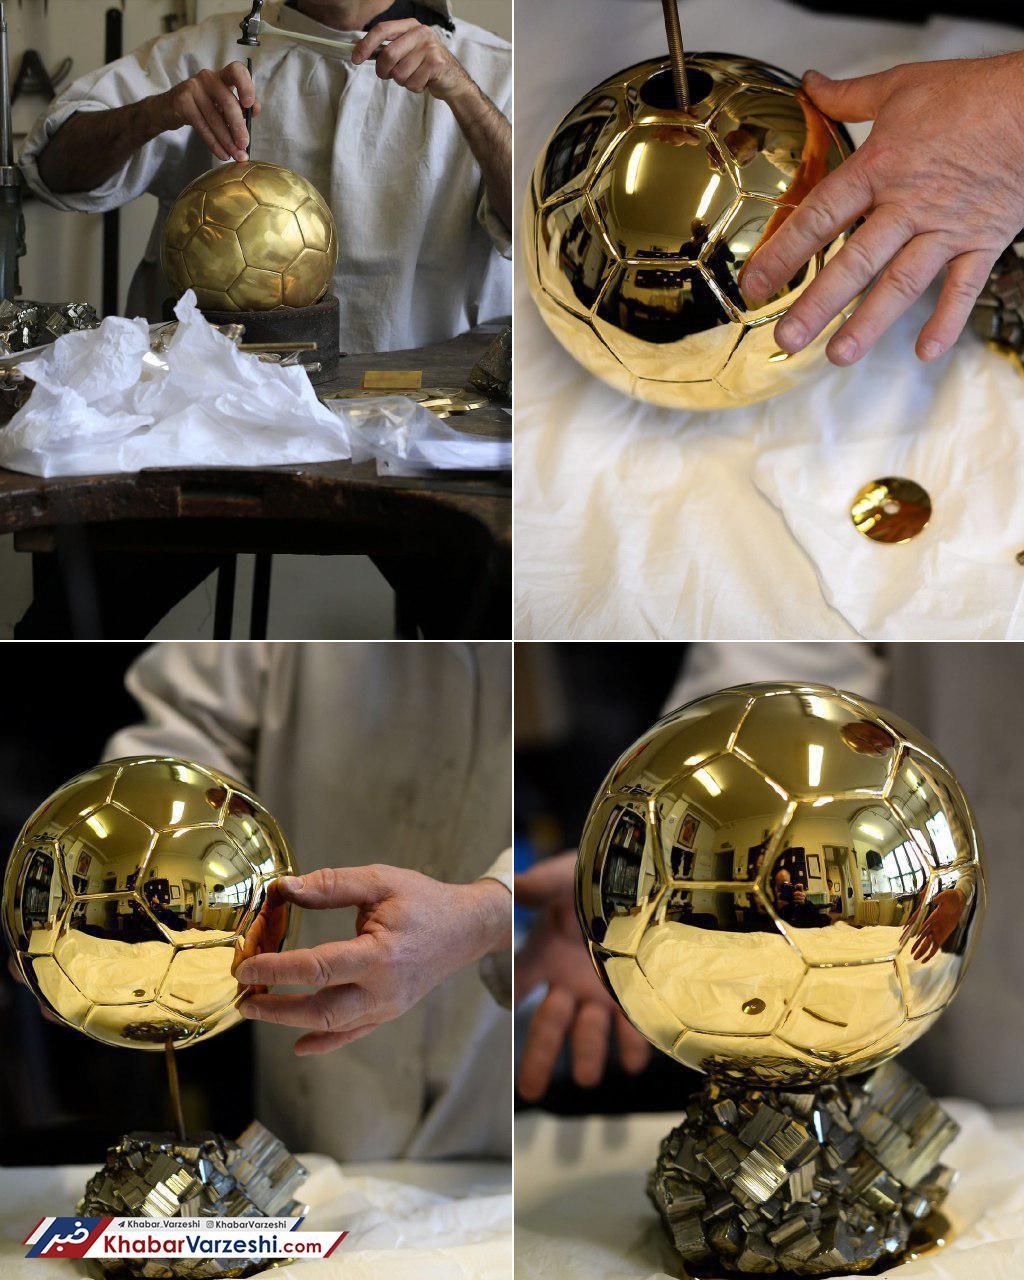 عکس| این توپ به چه کسی میرسد؟